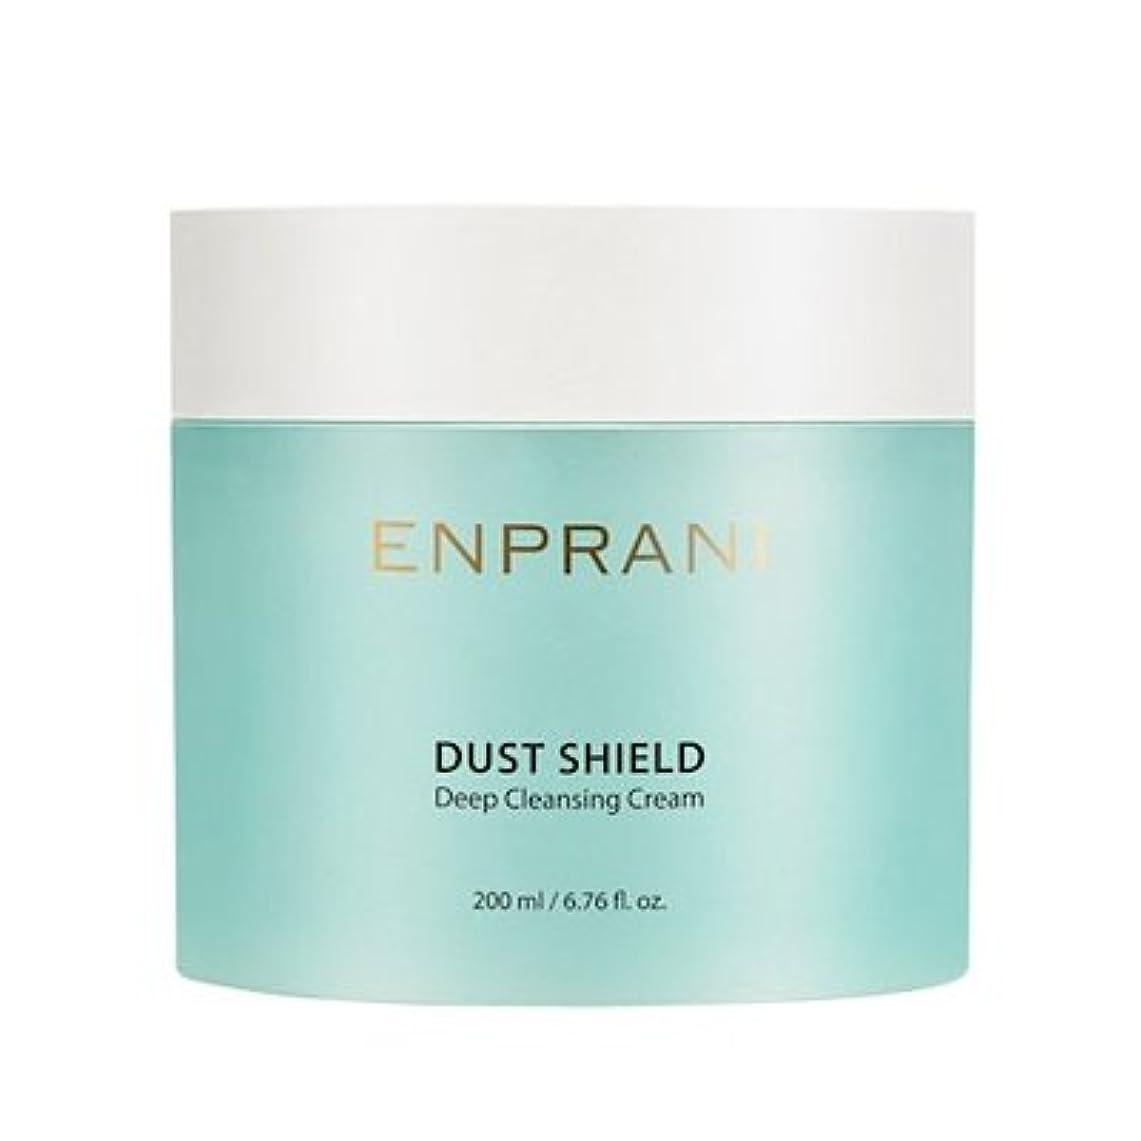 うなずく収益命題ENPRANI Dust Shield Deep Cleansing Cream エンプラニ ダストシールドディープクレンジングクリーム200ml [並行輸入品]